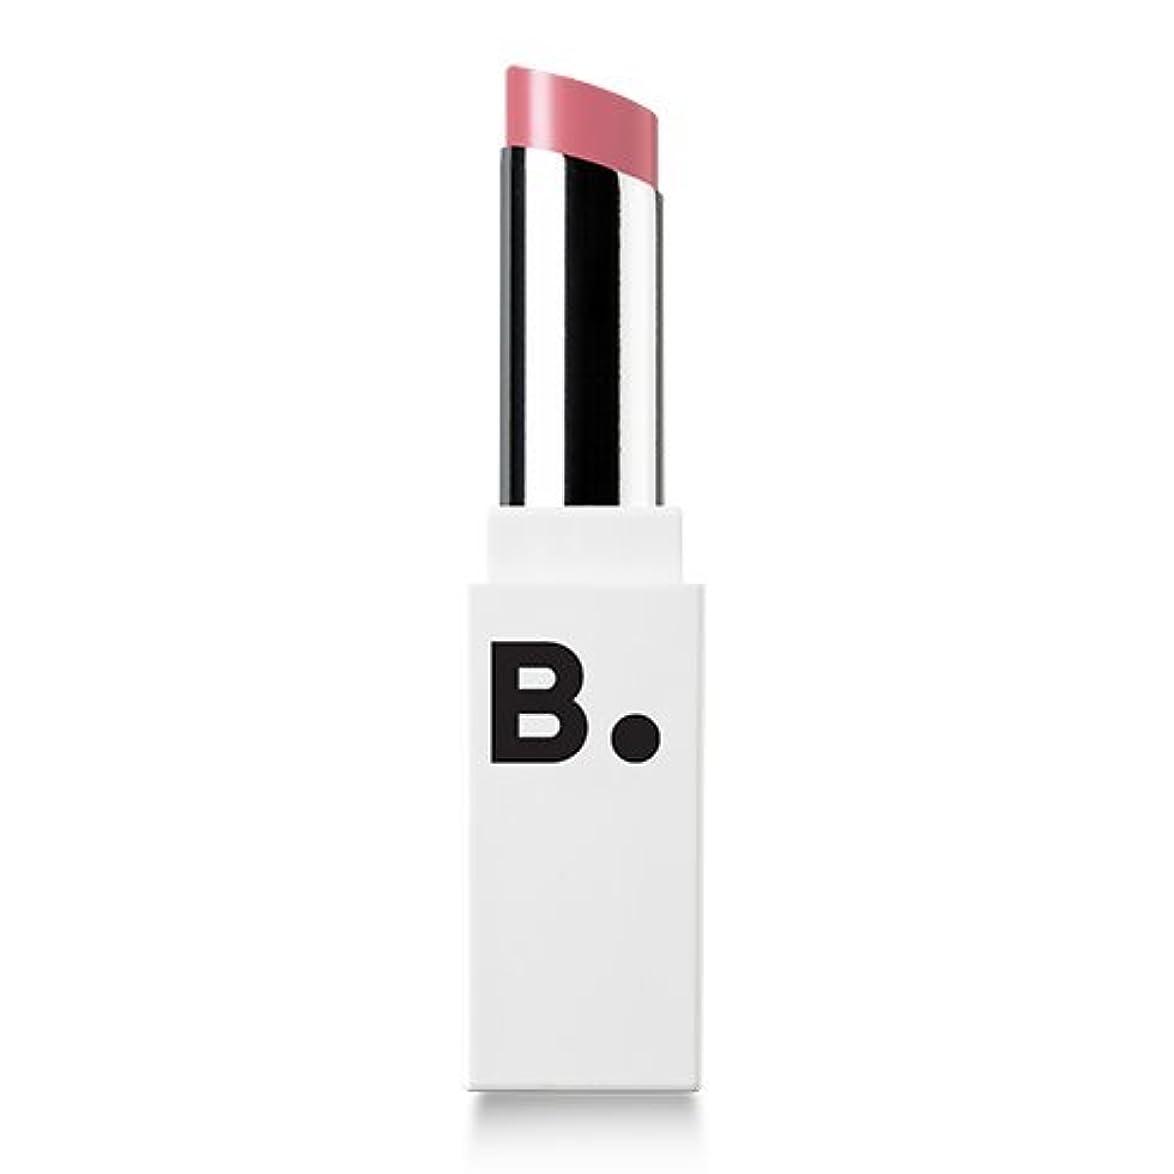 きらめきまろやかな貫入BANILA CO Lip Draw Melting Serum Stick 4.2g/バニラコ リップ ドロー メルティング セラム スティック 4.2g (#SPK04 Hollywood Nude) [並行輸入品]